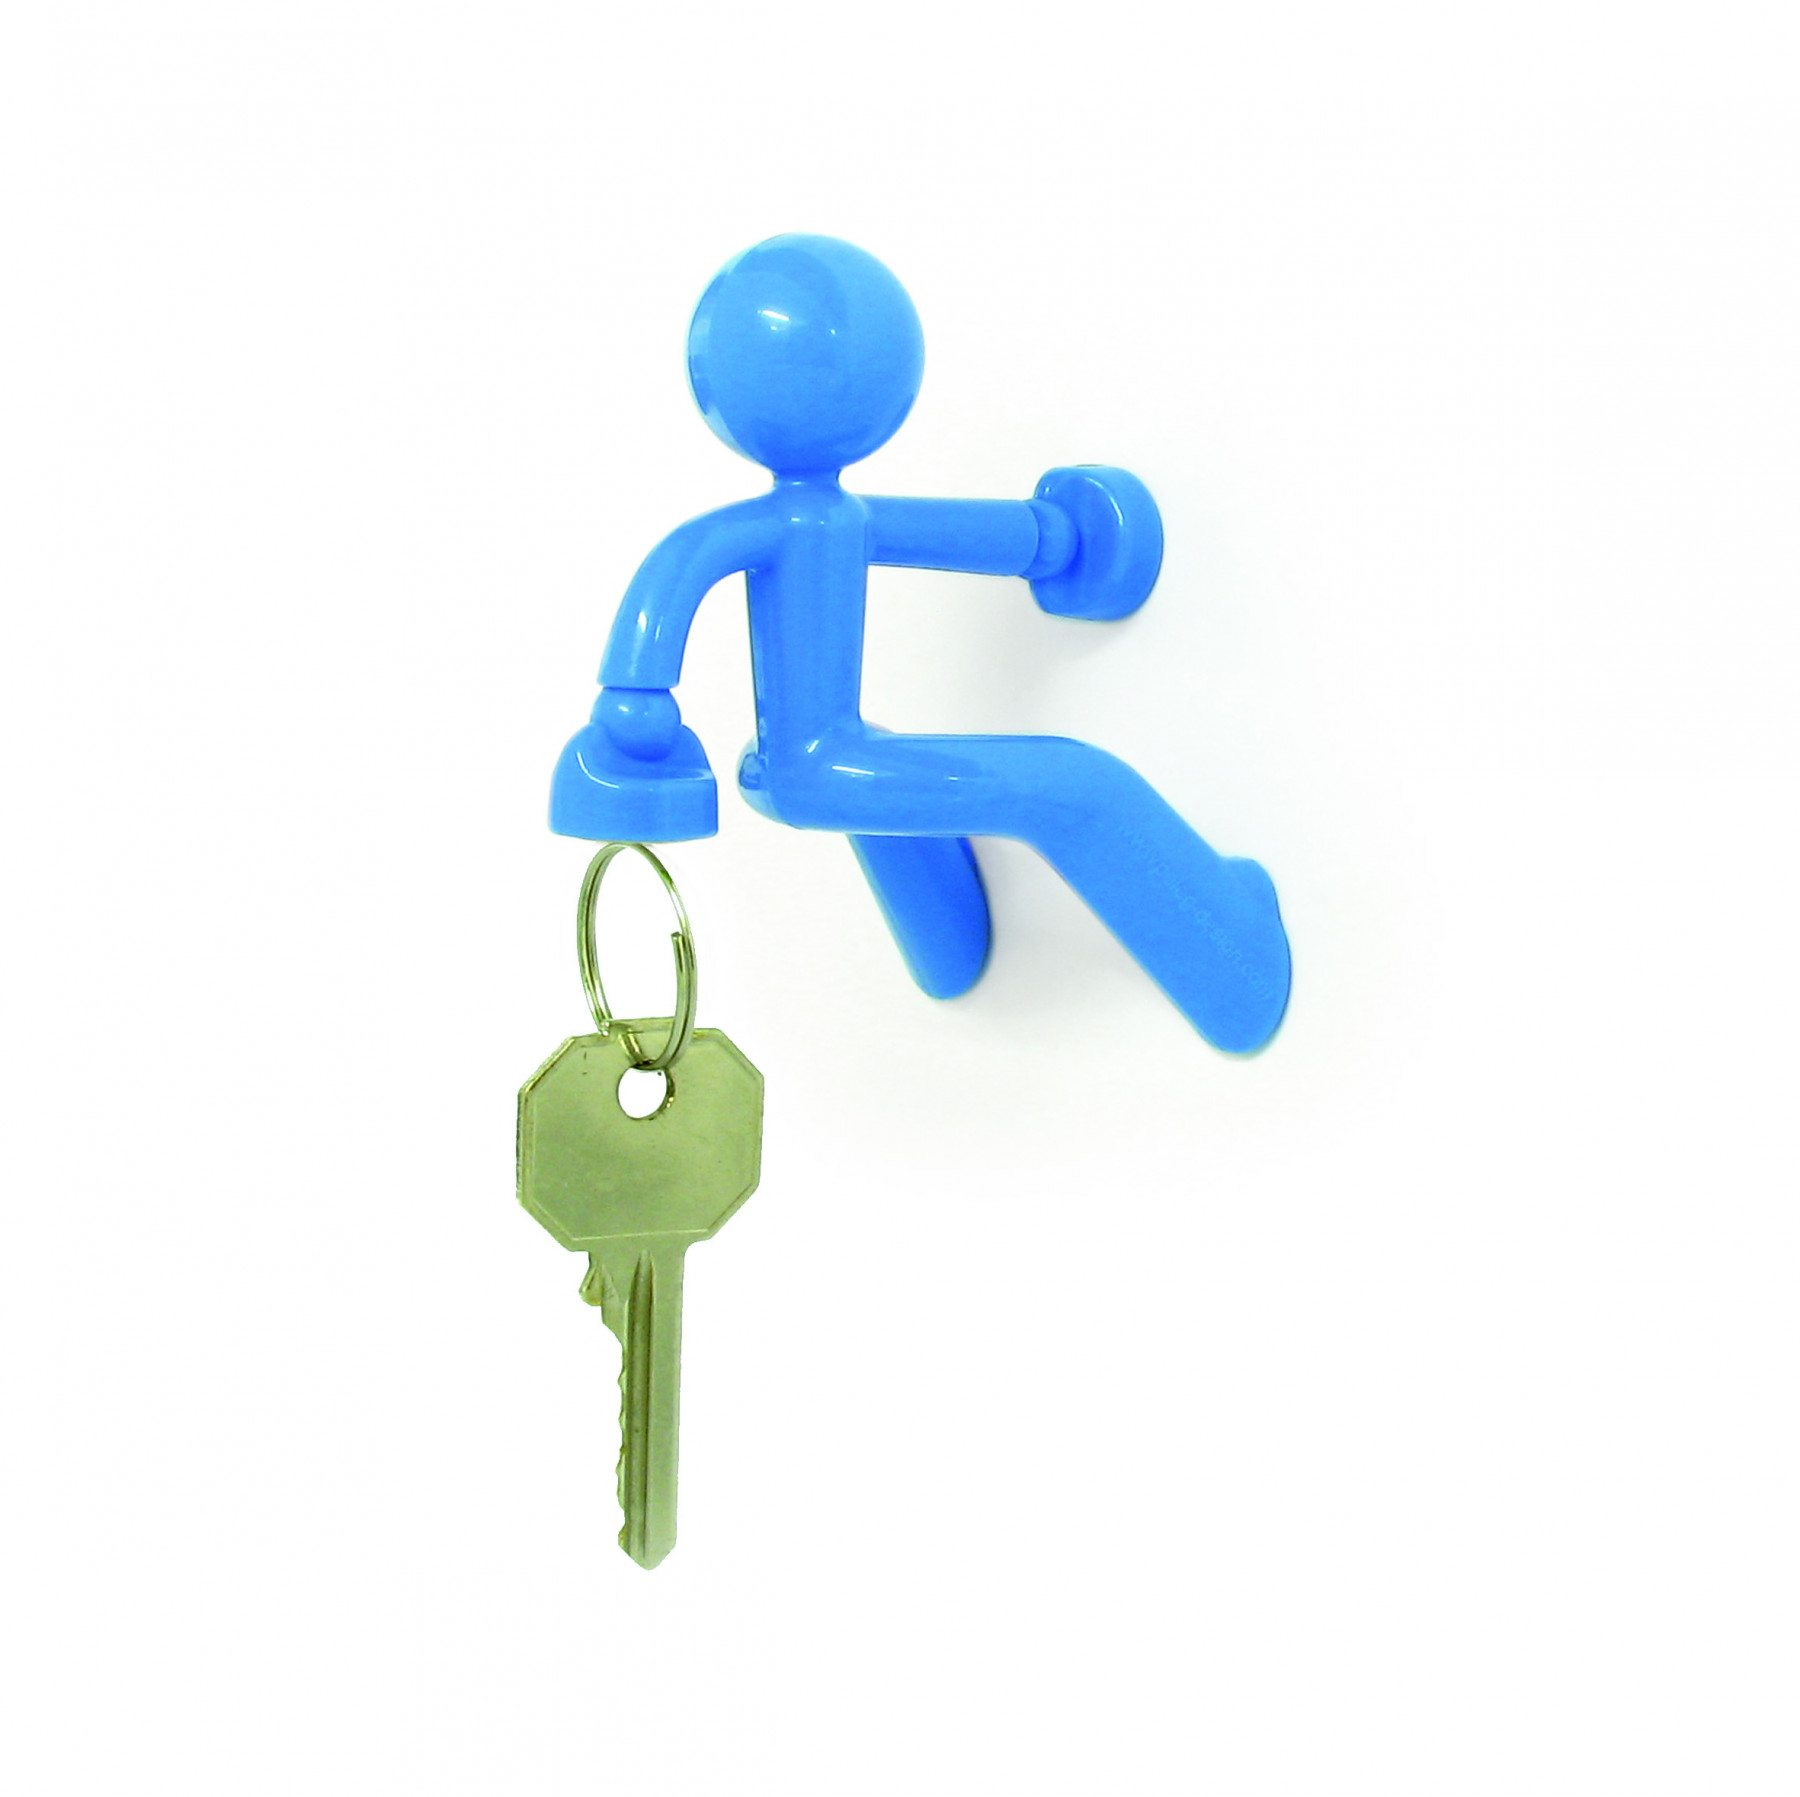 Magnetischer Schlüsselhalter Pete blau